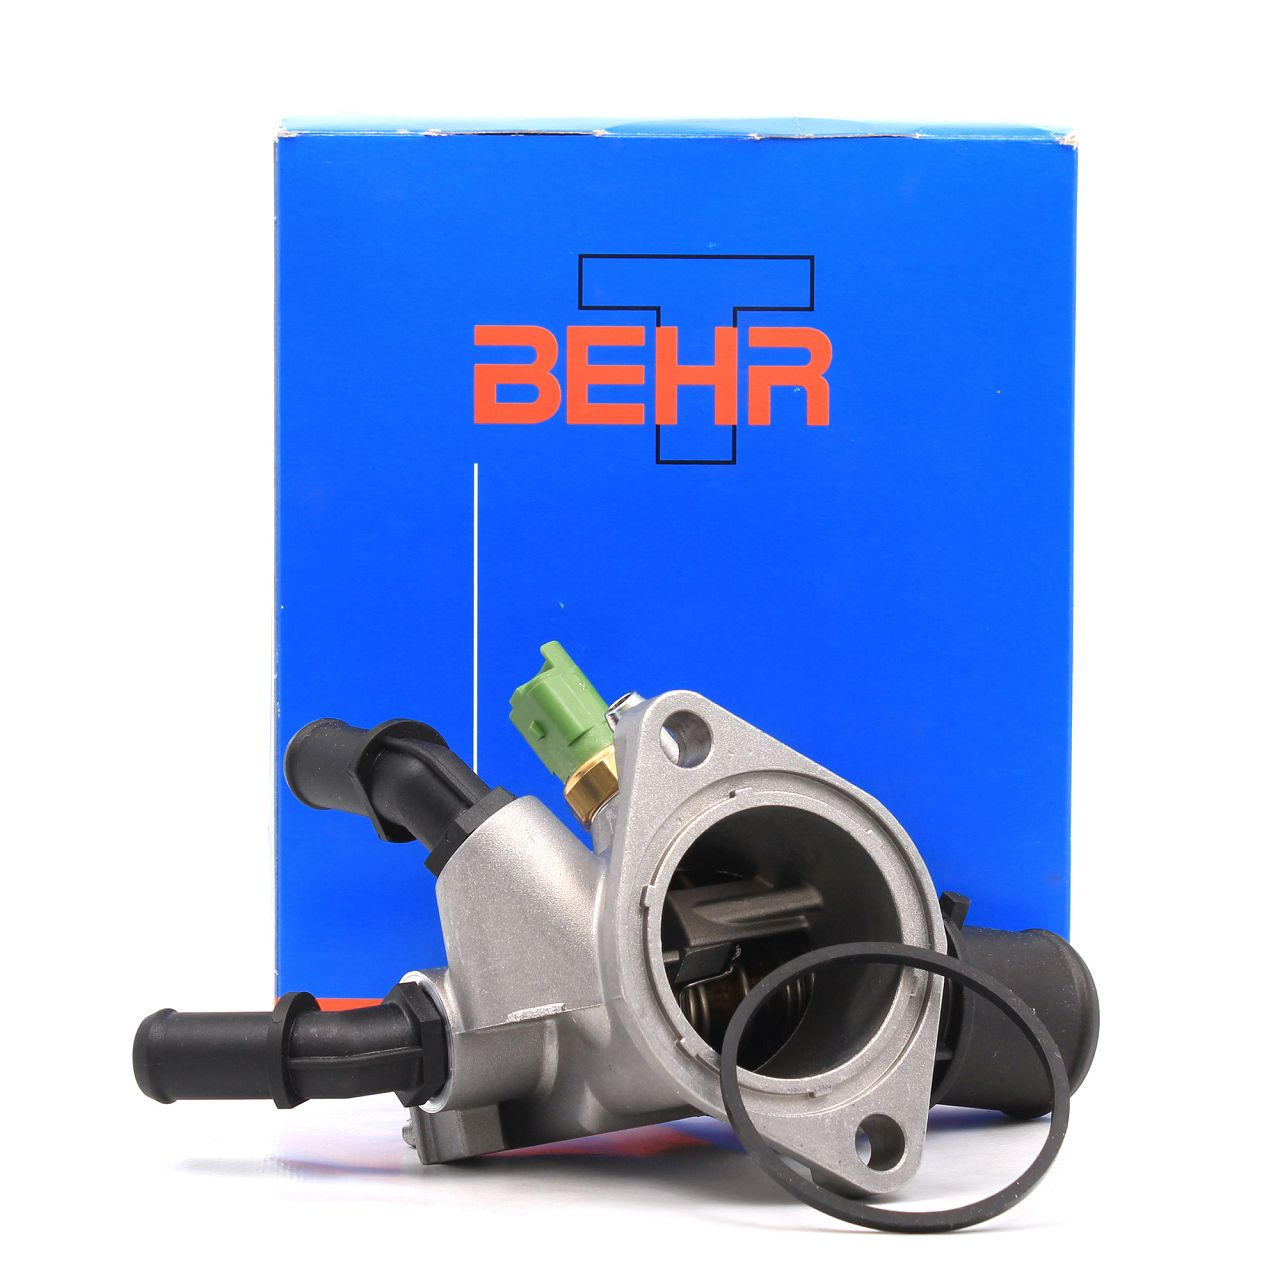 BEHR MAHLE TI14388 Thermostat ALFA ROMEO FIAT OPEL SAAB SUZUKI 1.9 DIESEL